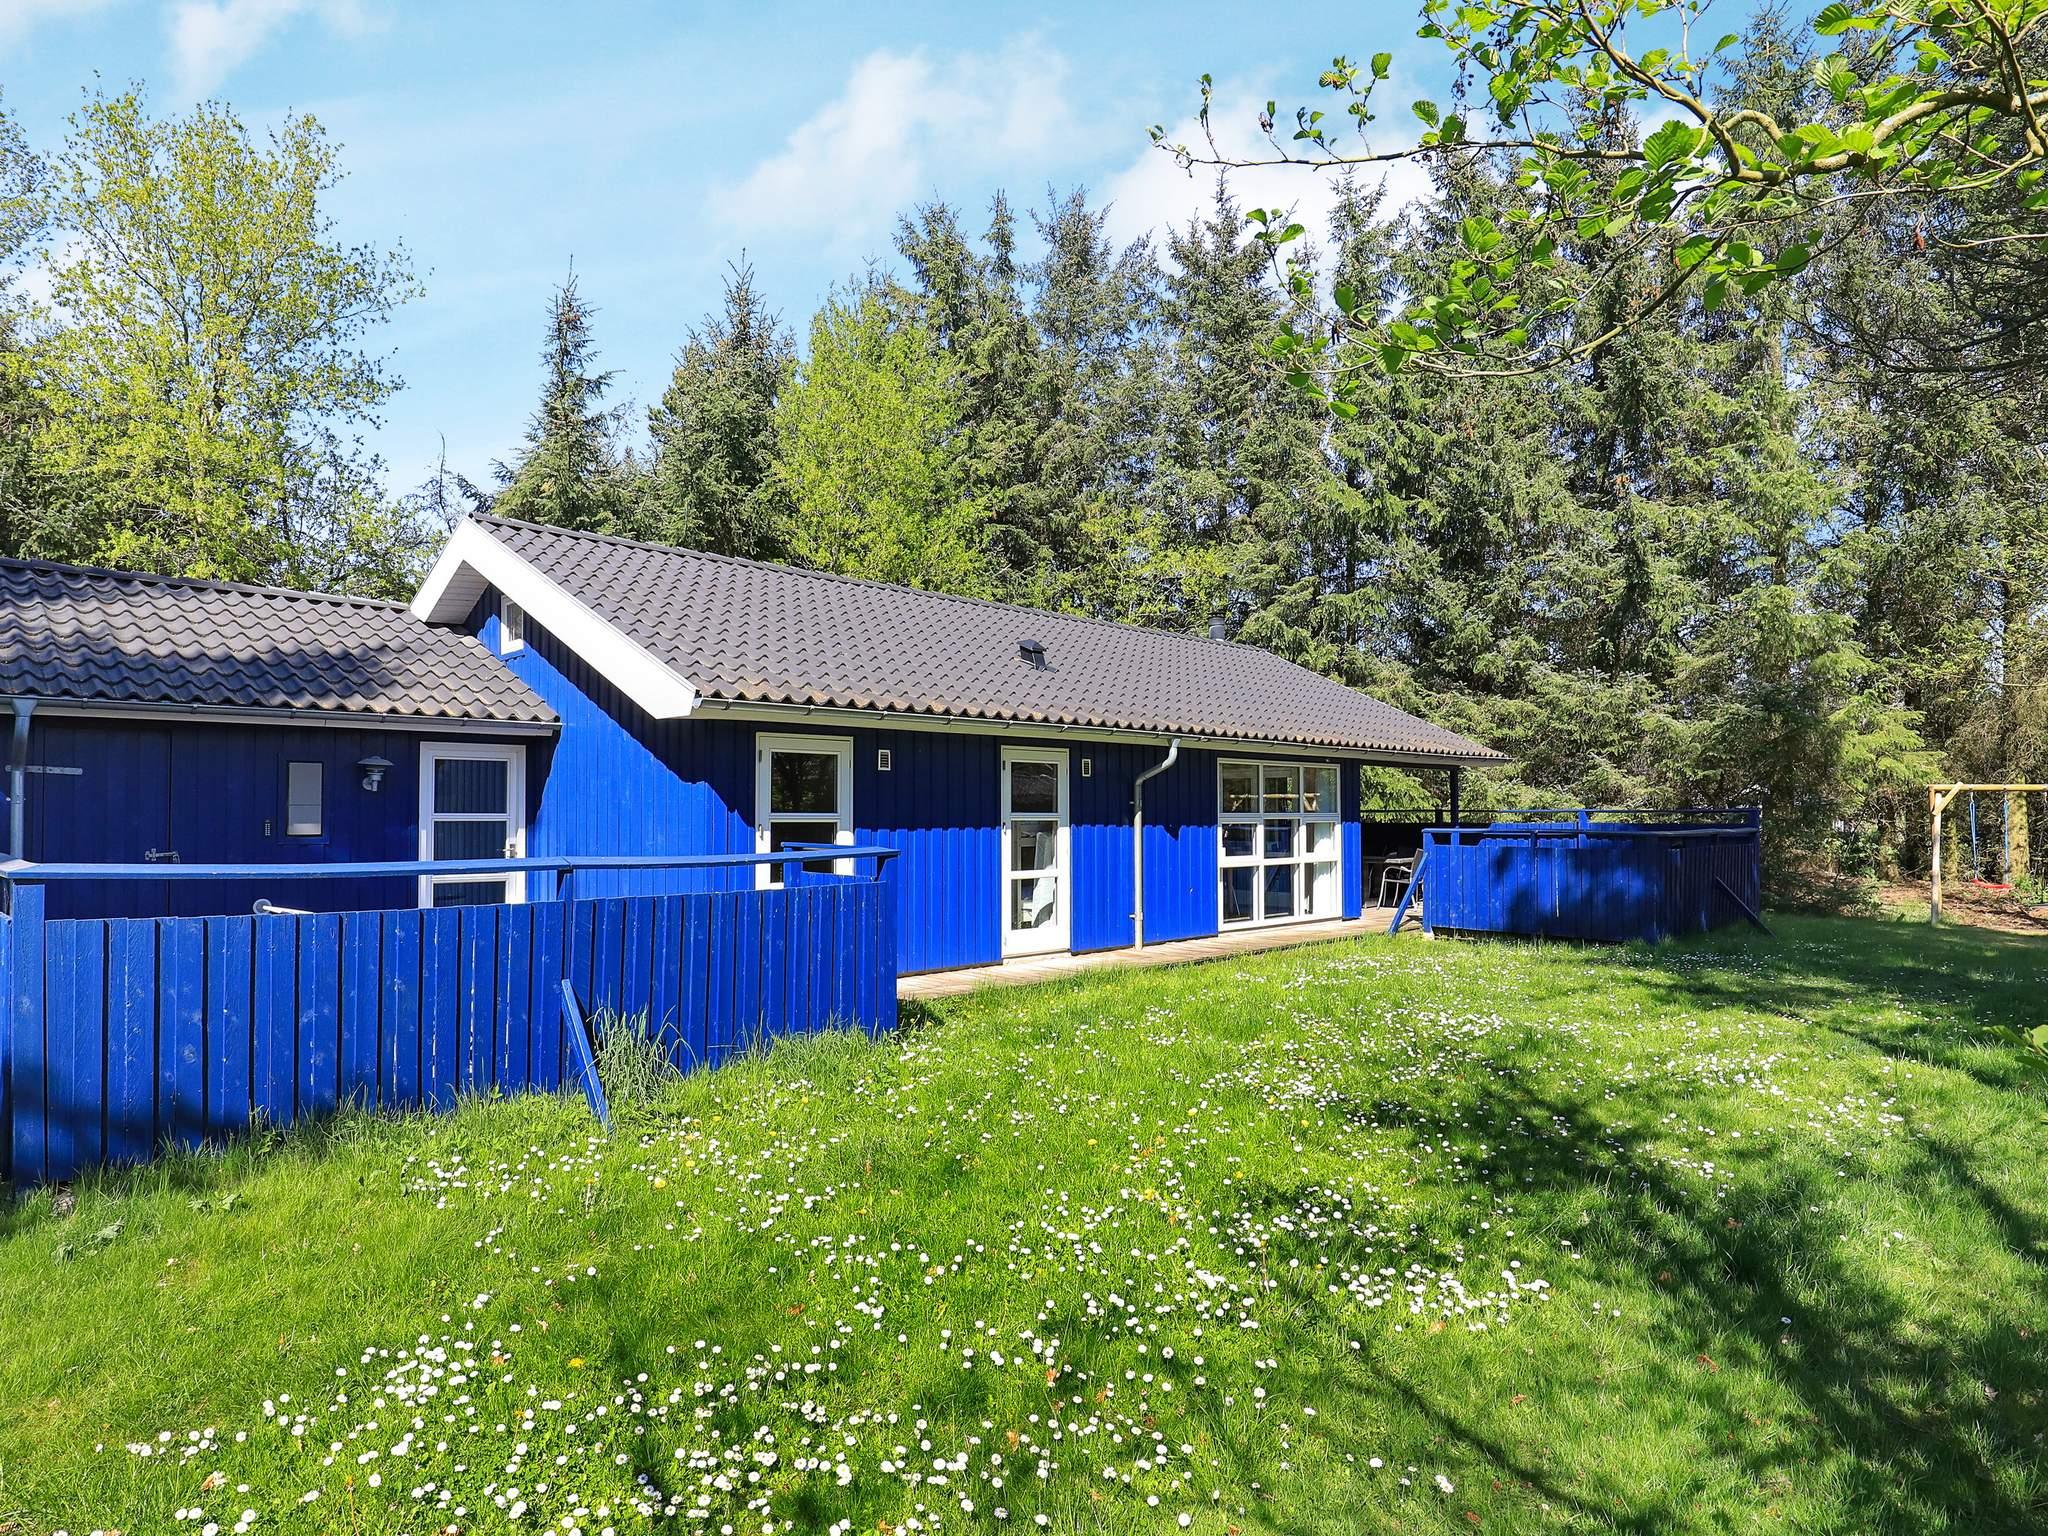 Ferienhaus Lodskovvad (683644), Lodskovvad, , Dänische Nordsee, Dänemark, Bild 1